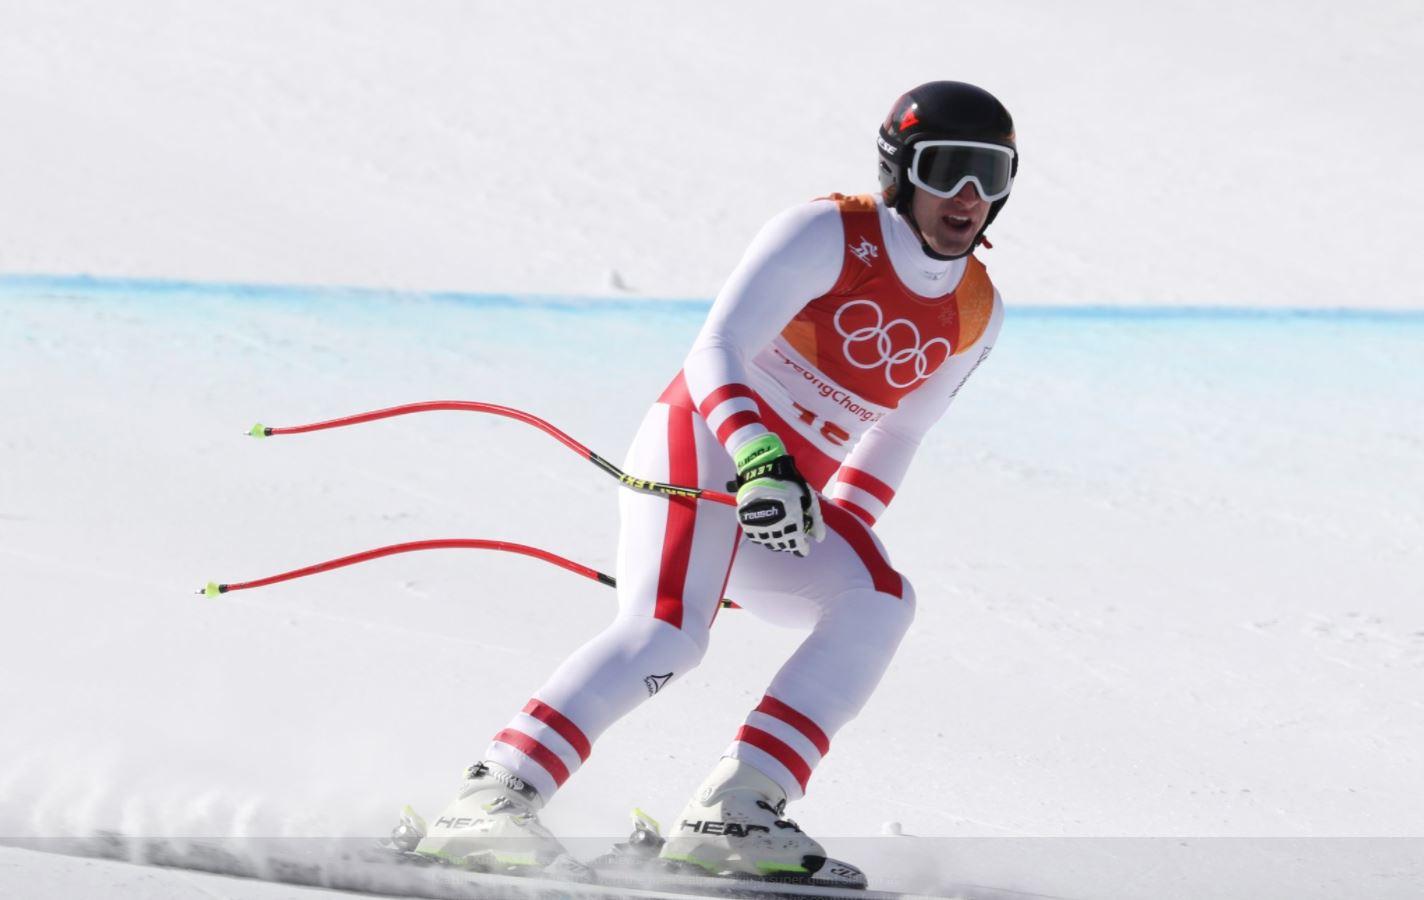 Χρυσό μετάλλιο για Μάιερ στο αλπικό σκι (pic)   to10.gr